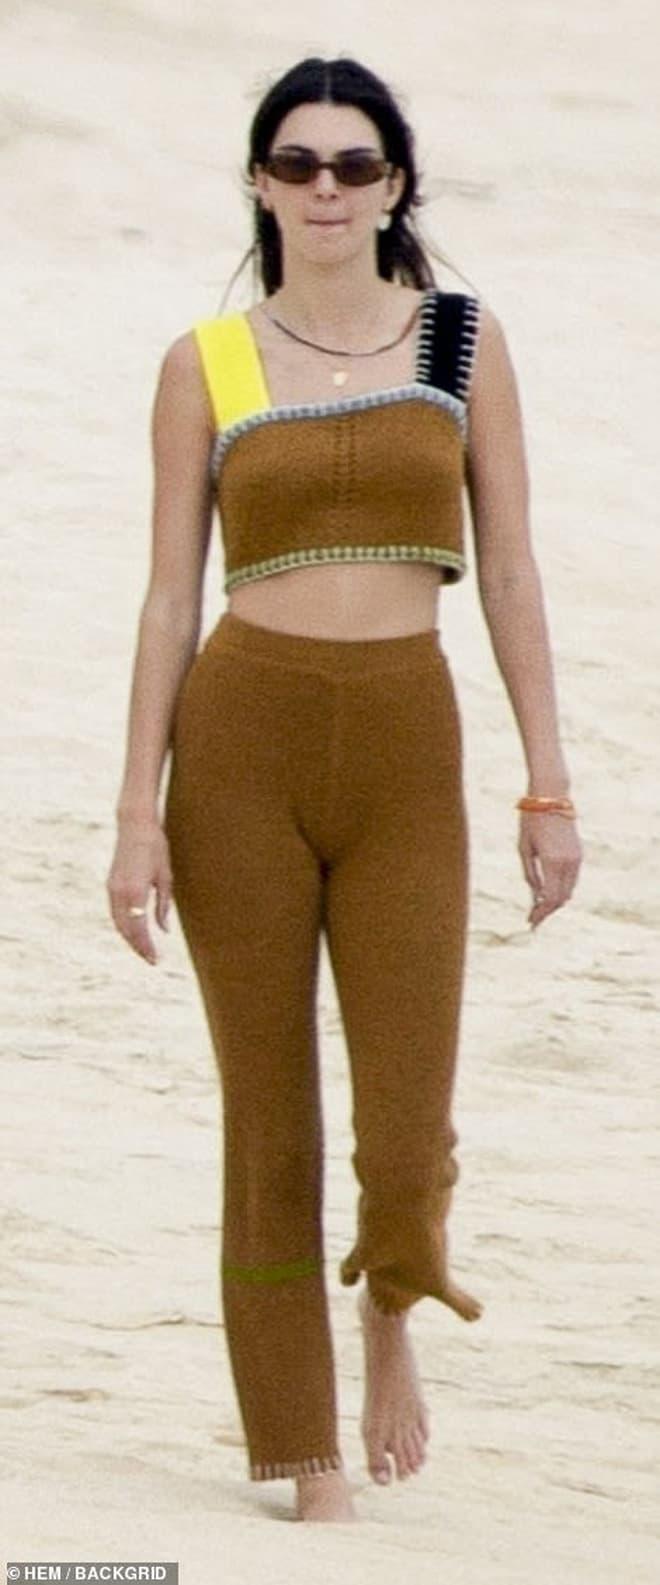 Bà xã Justin Bieber đi biển cùng bạn thân siêu mẫu Kendall, cư dân mang so sánh từ body đến ảnh mặt mộc 6